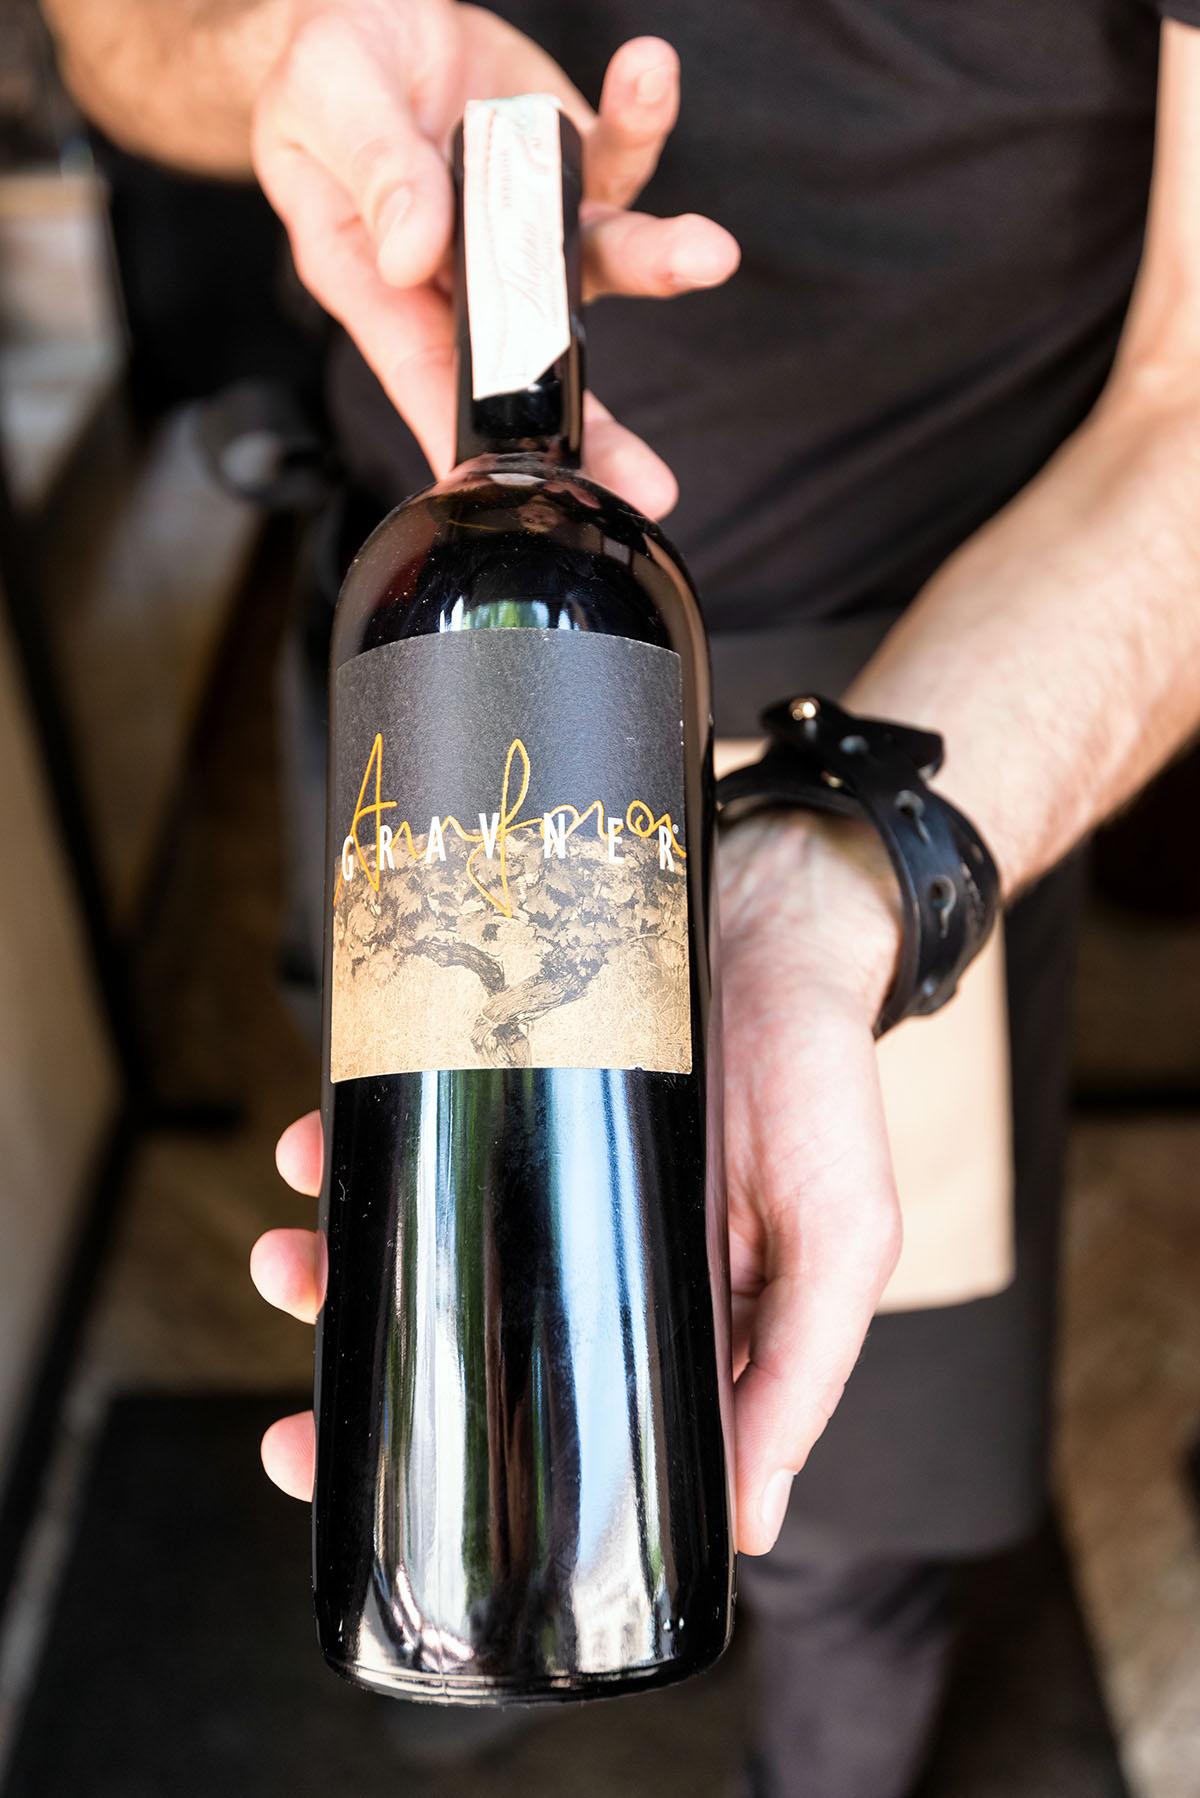 Бутылка «Gravner» обойдётся в 3800 гривен.